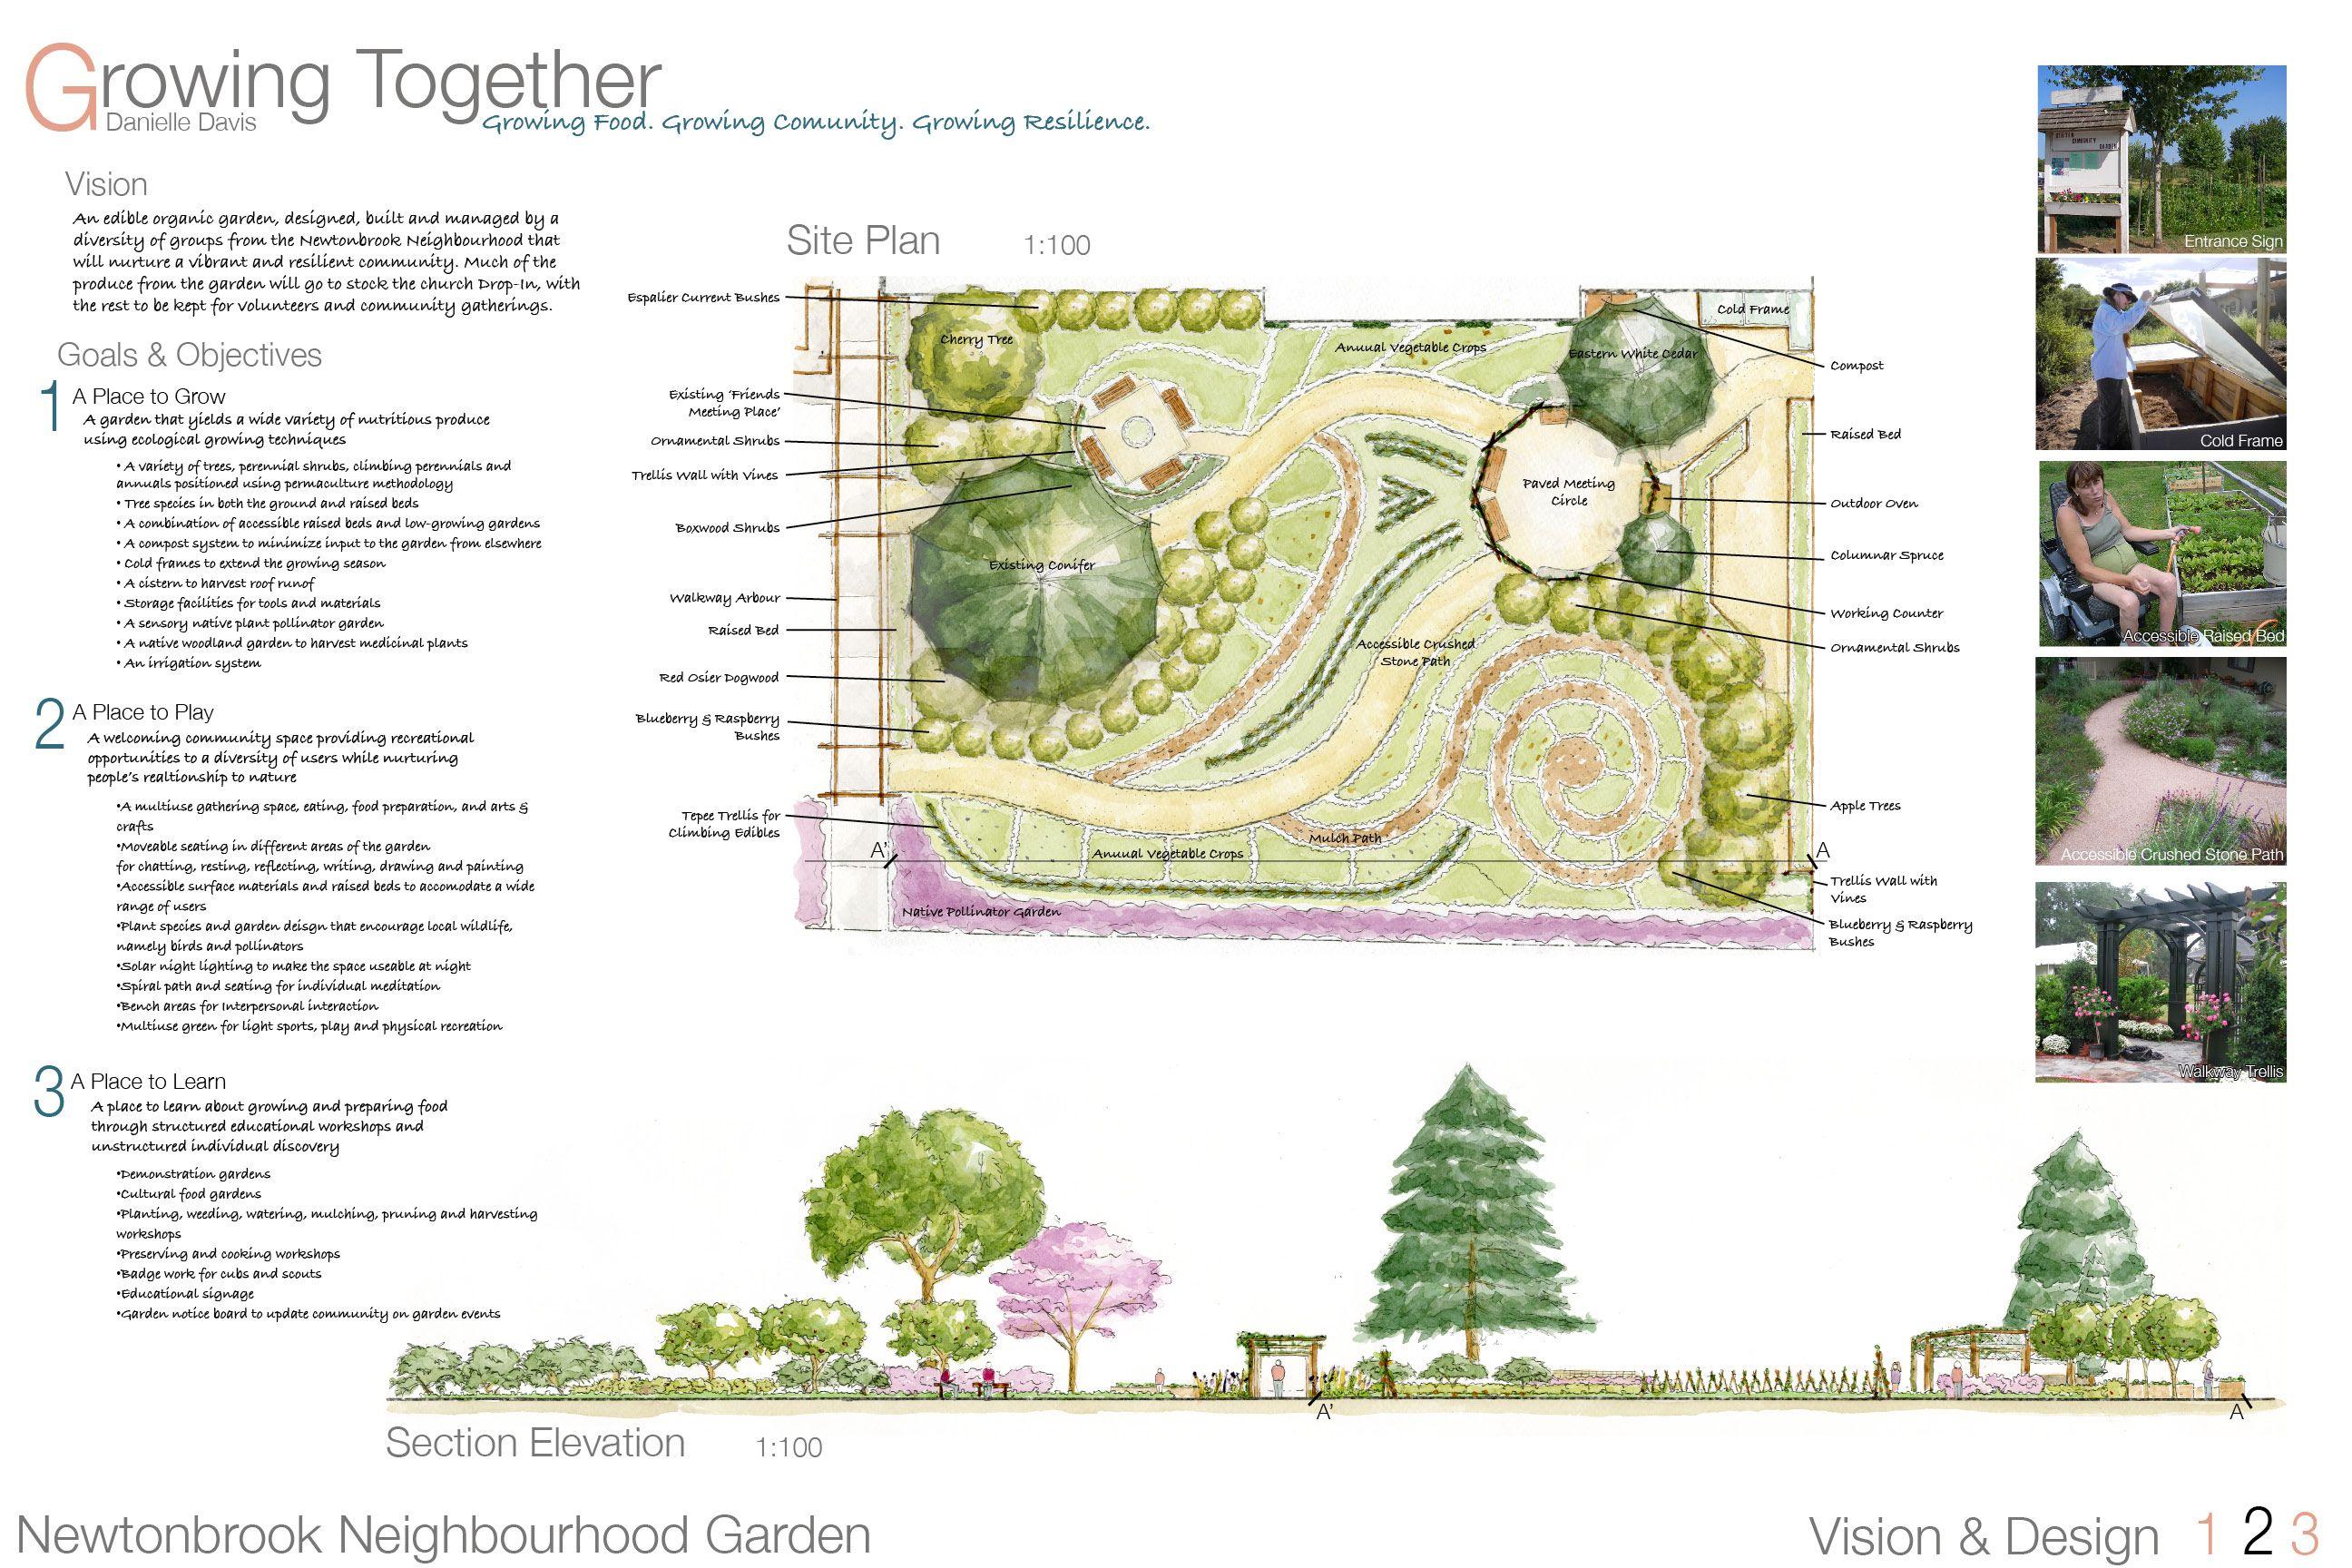 Melk Toronto Central Waterfront Design Landscape